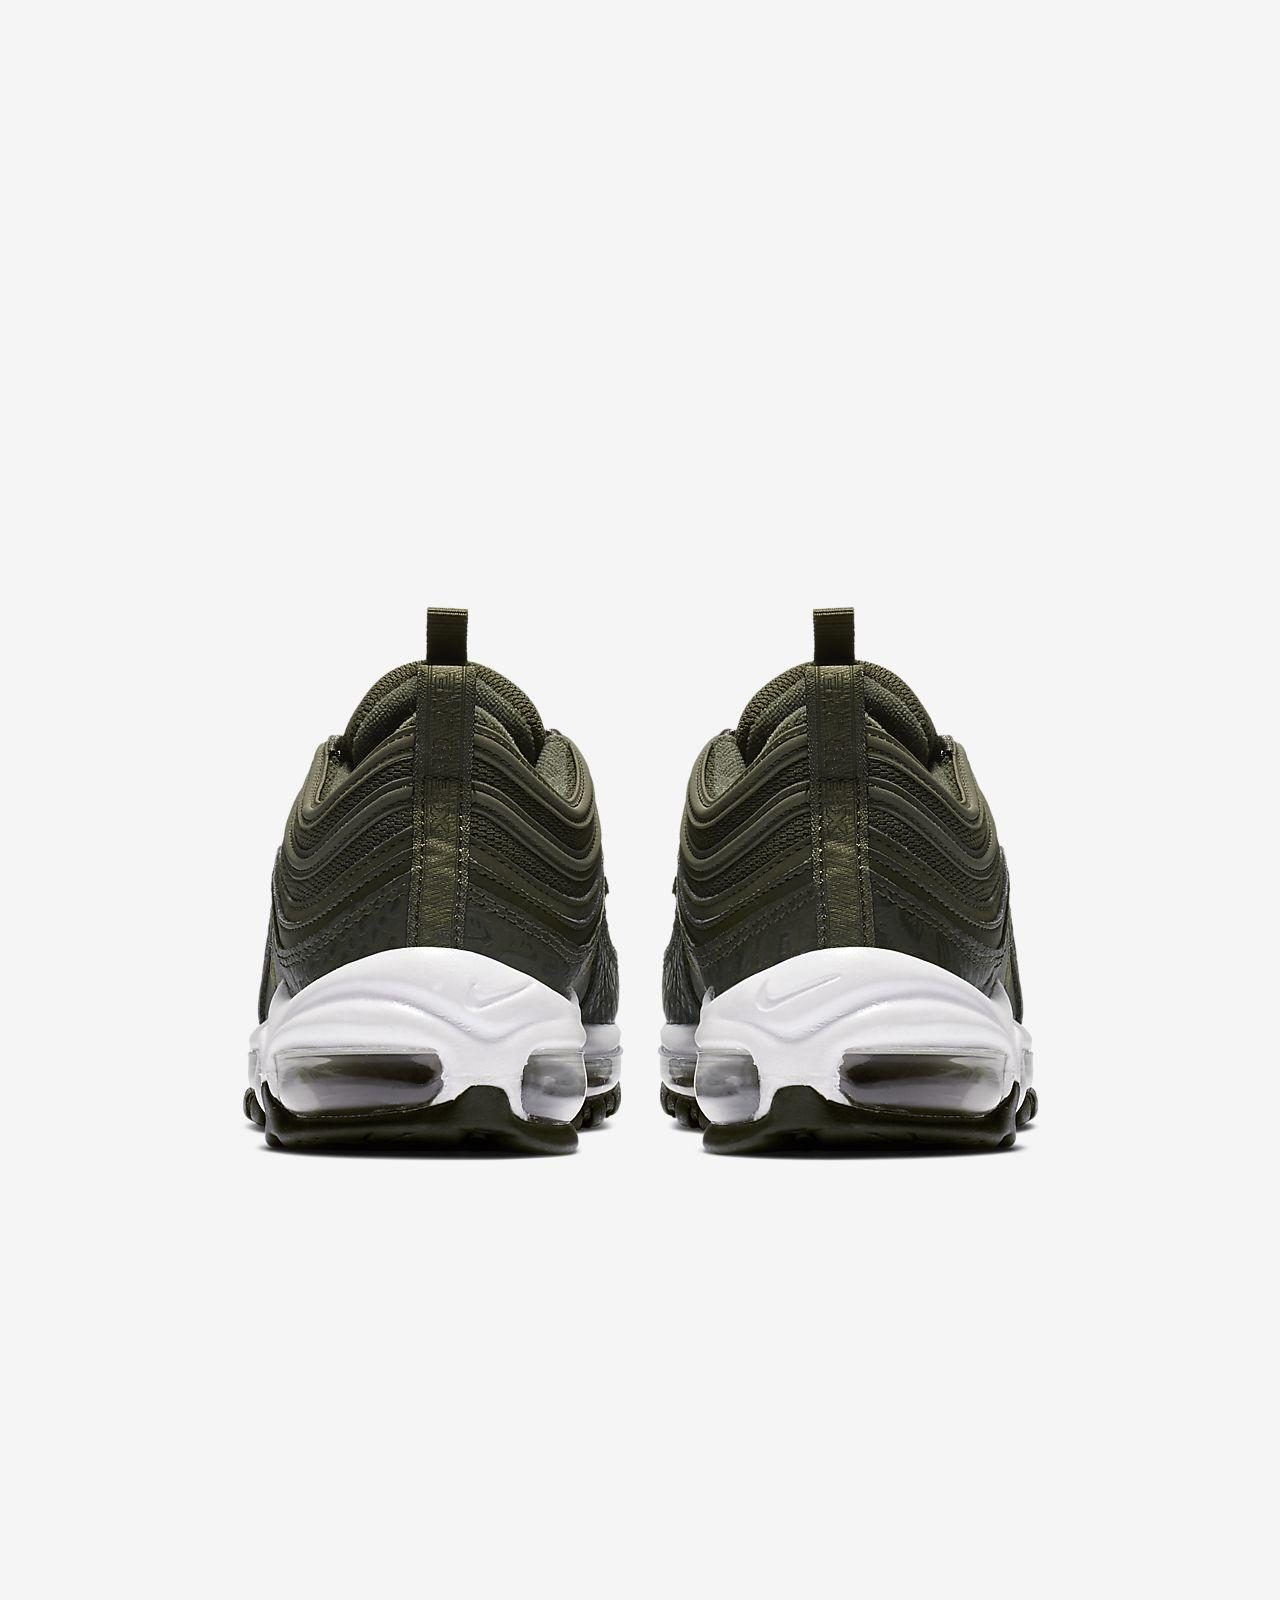 5fd0a95a7bb3 Buty damskie Nike Air Max 97 LX. Nike.com PL